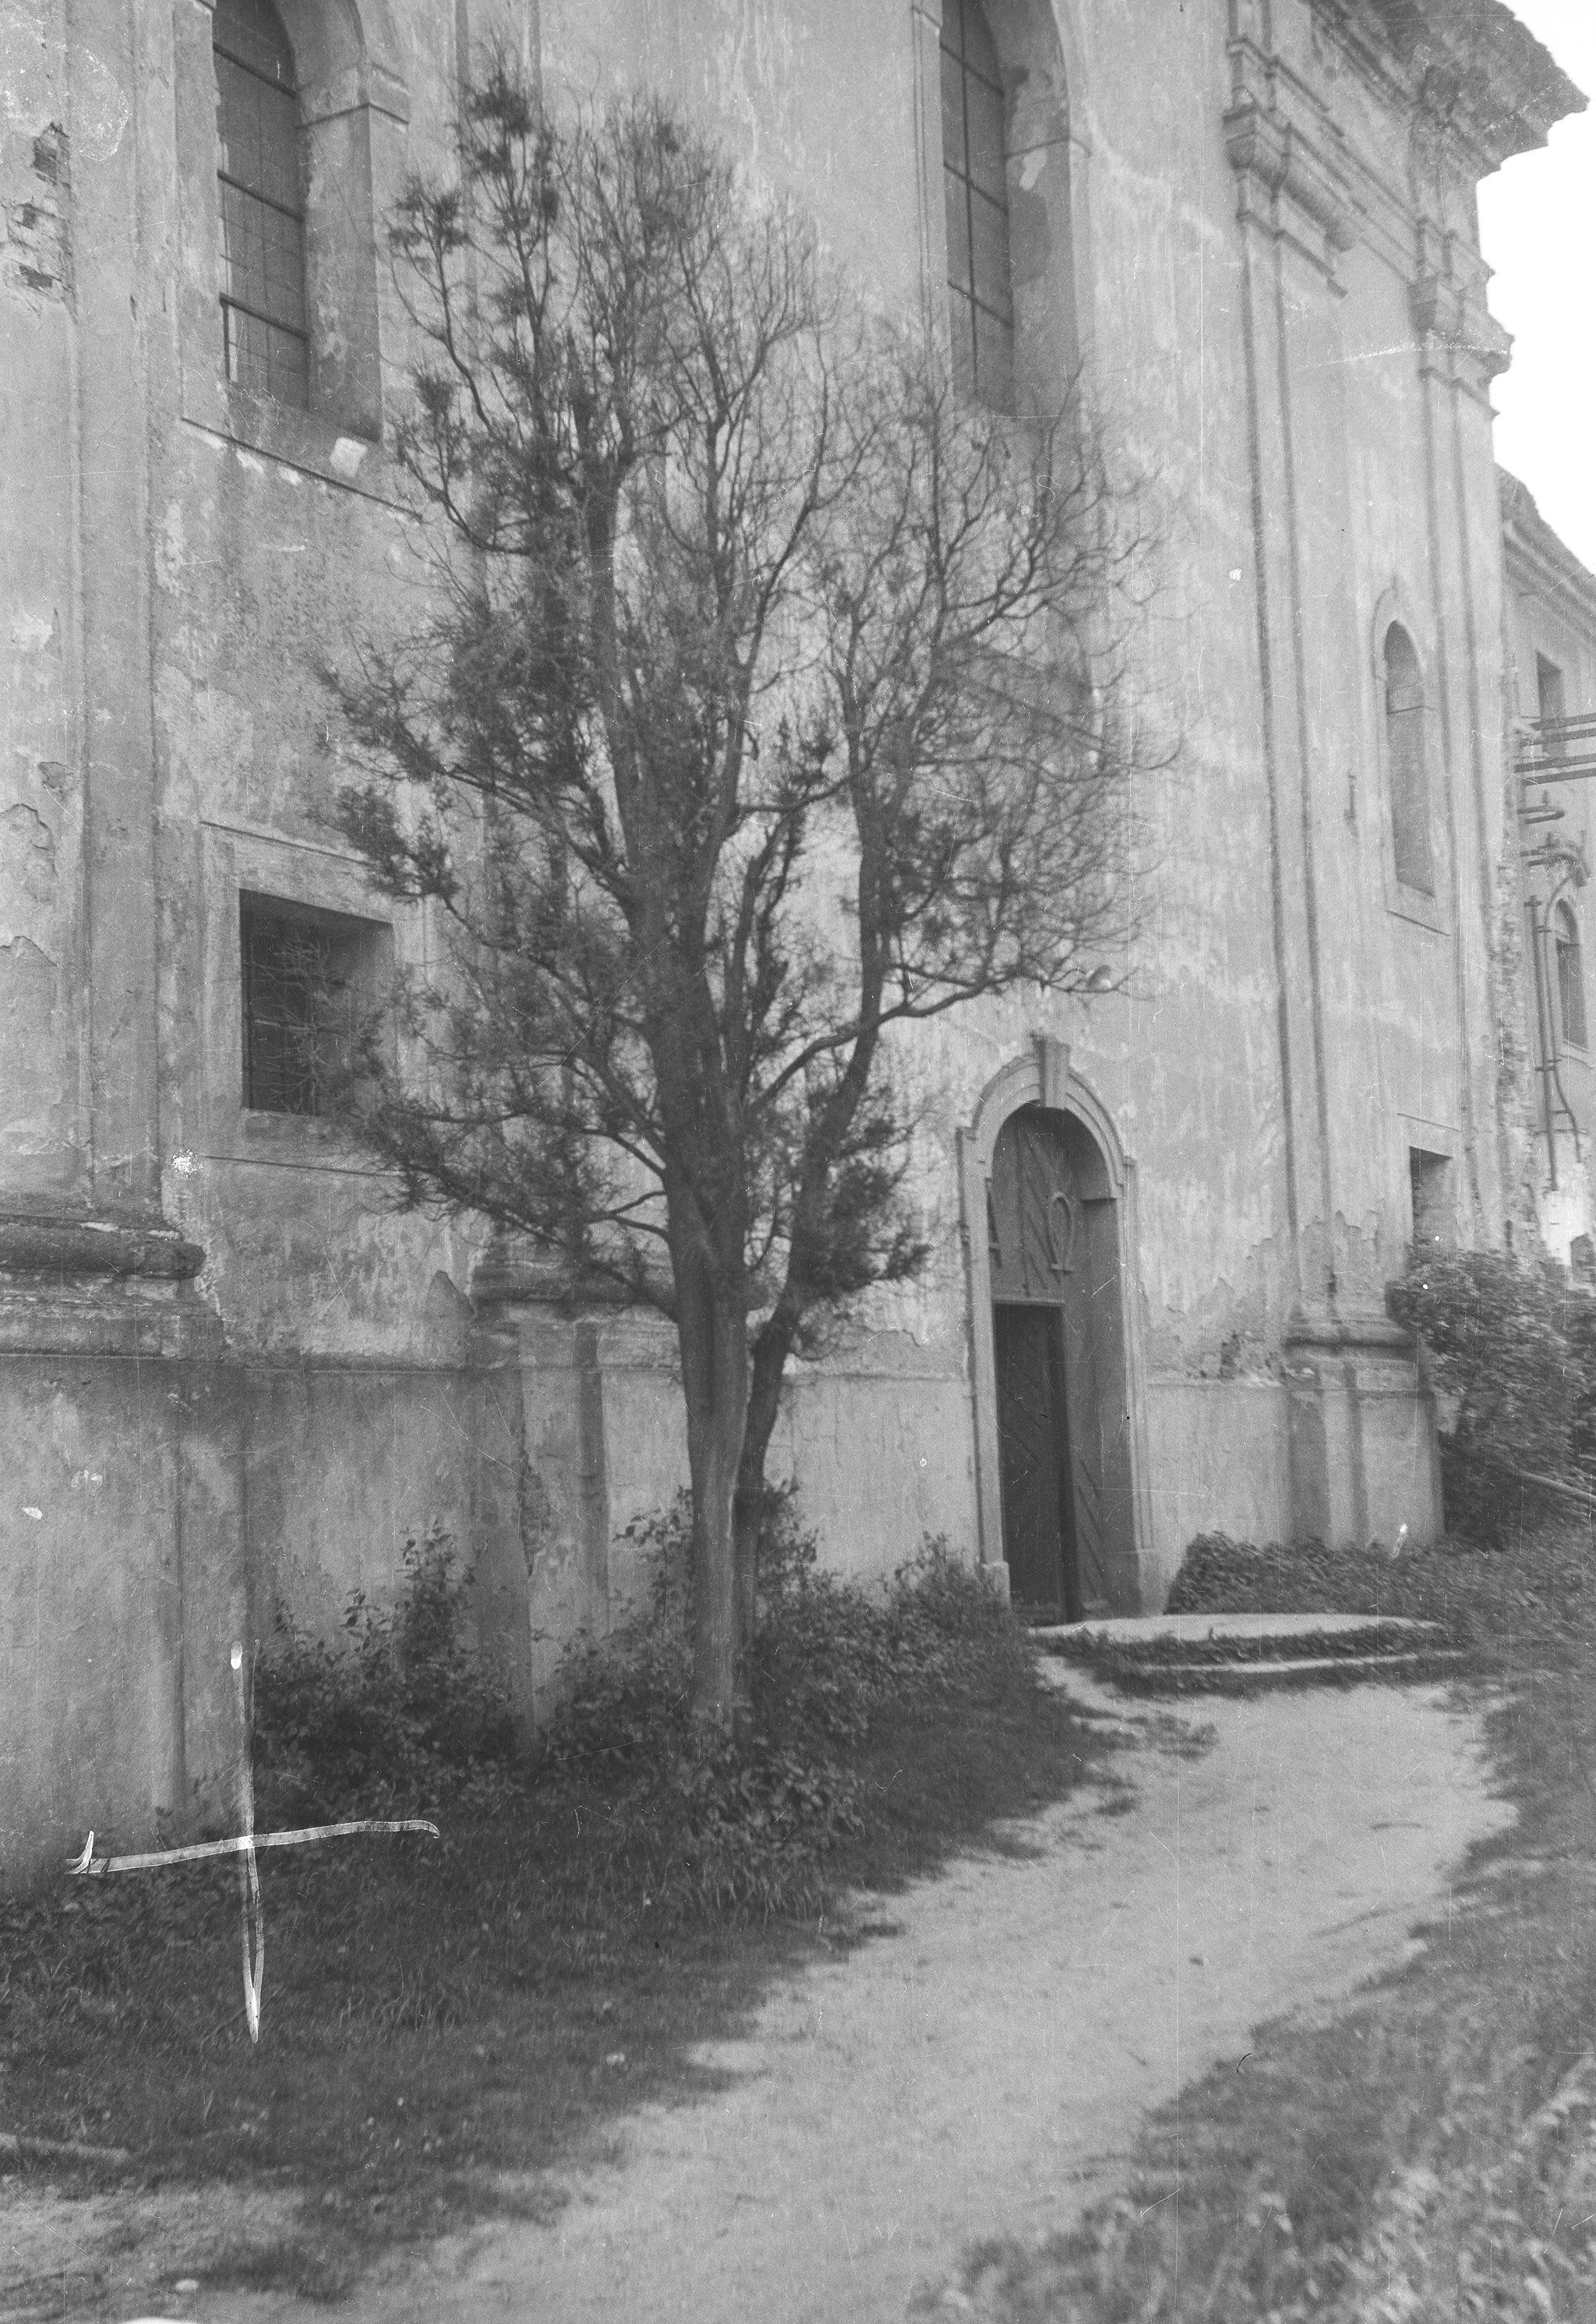 Kościół w Głębowicach, Dolny Śląsk, 1957 r.